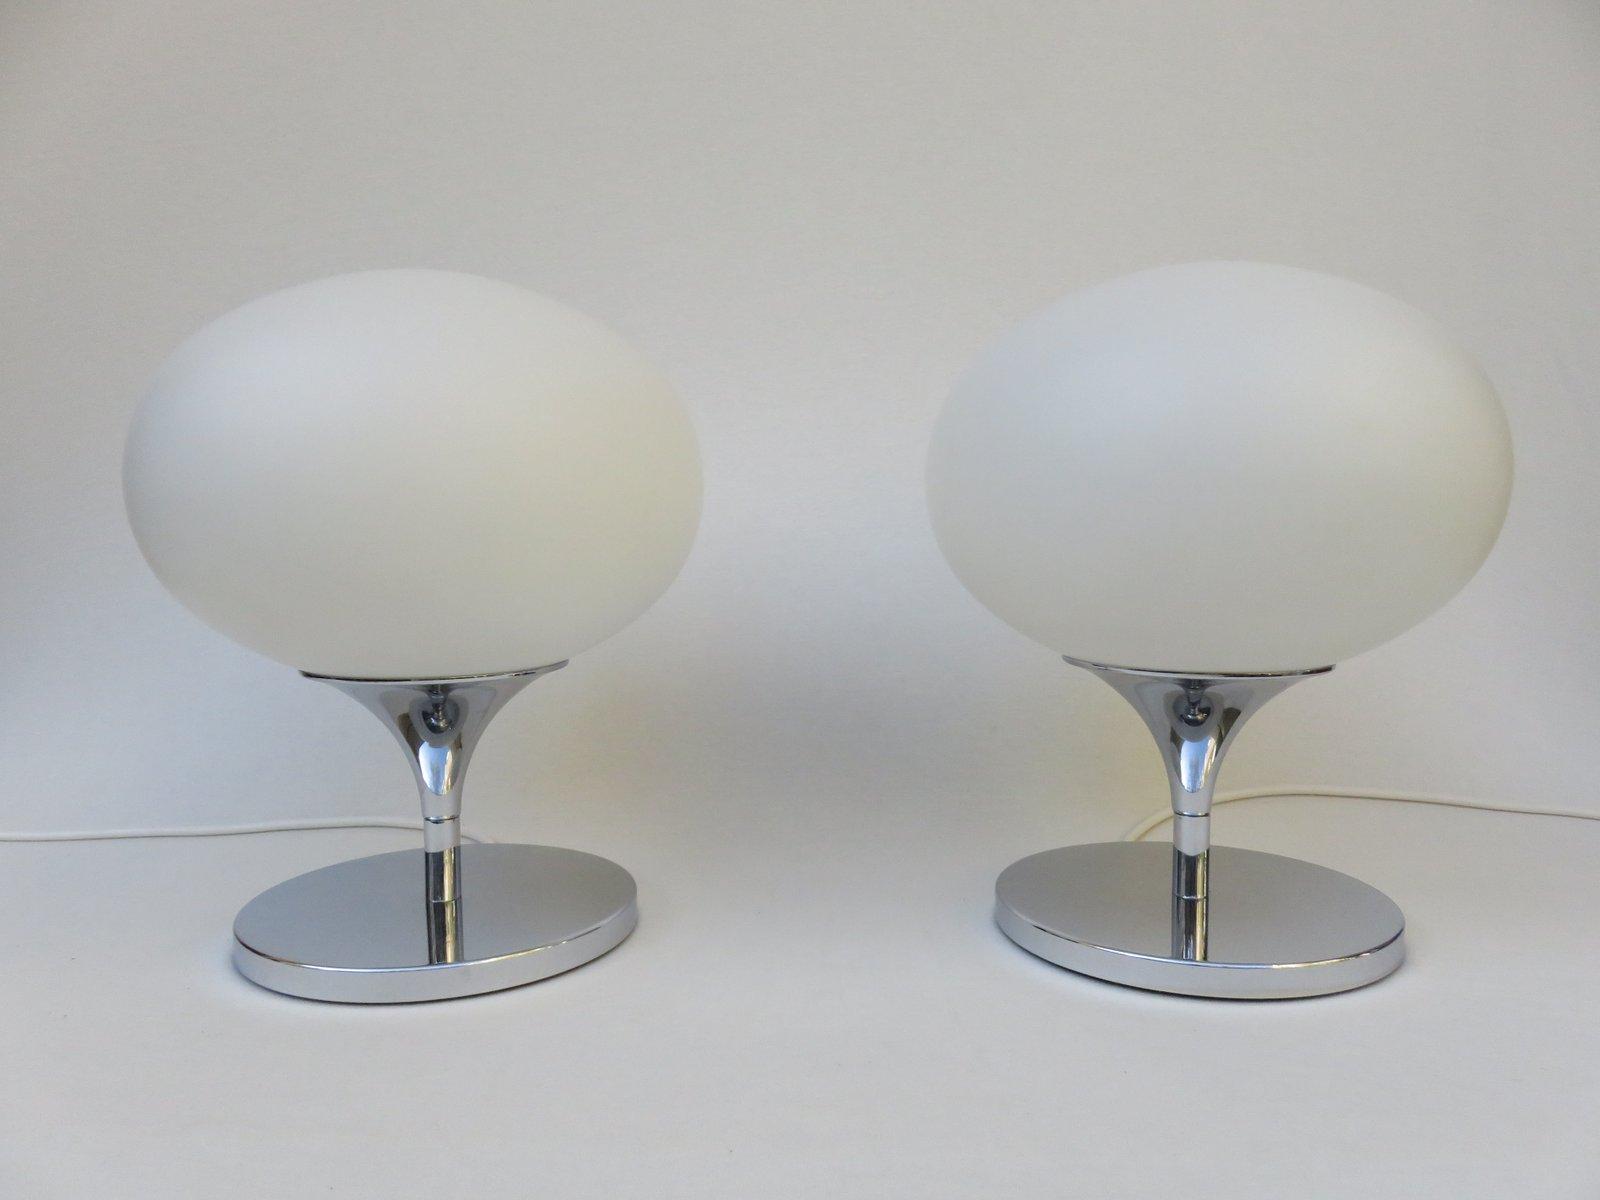 tischlampen von kaiser leuchten 1970er 2er set bei. Black Bedroom Furniture Sets. Home Design Ideas